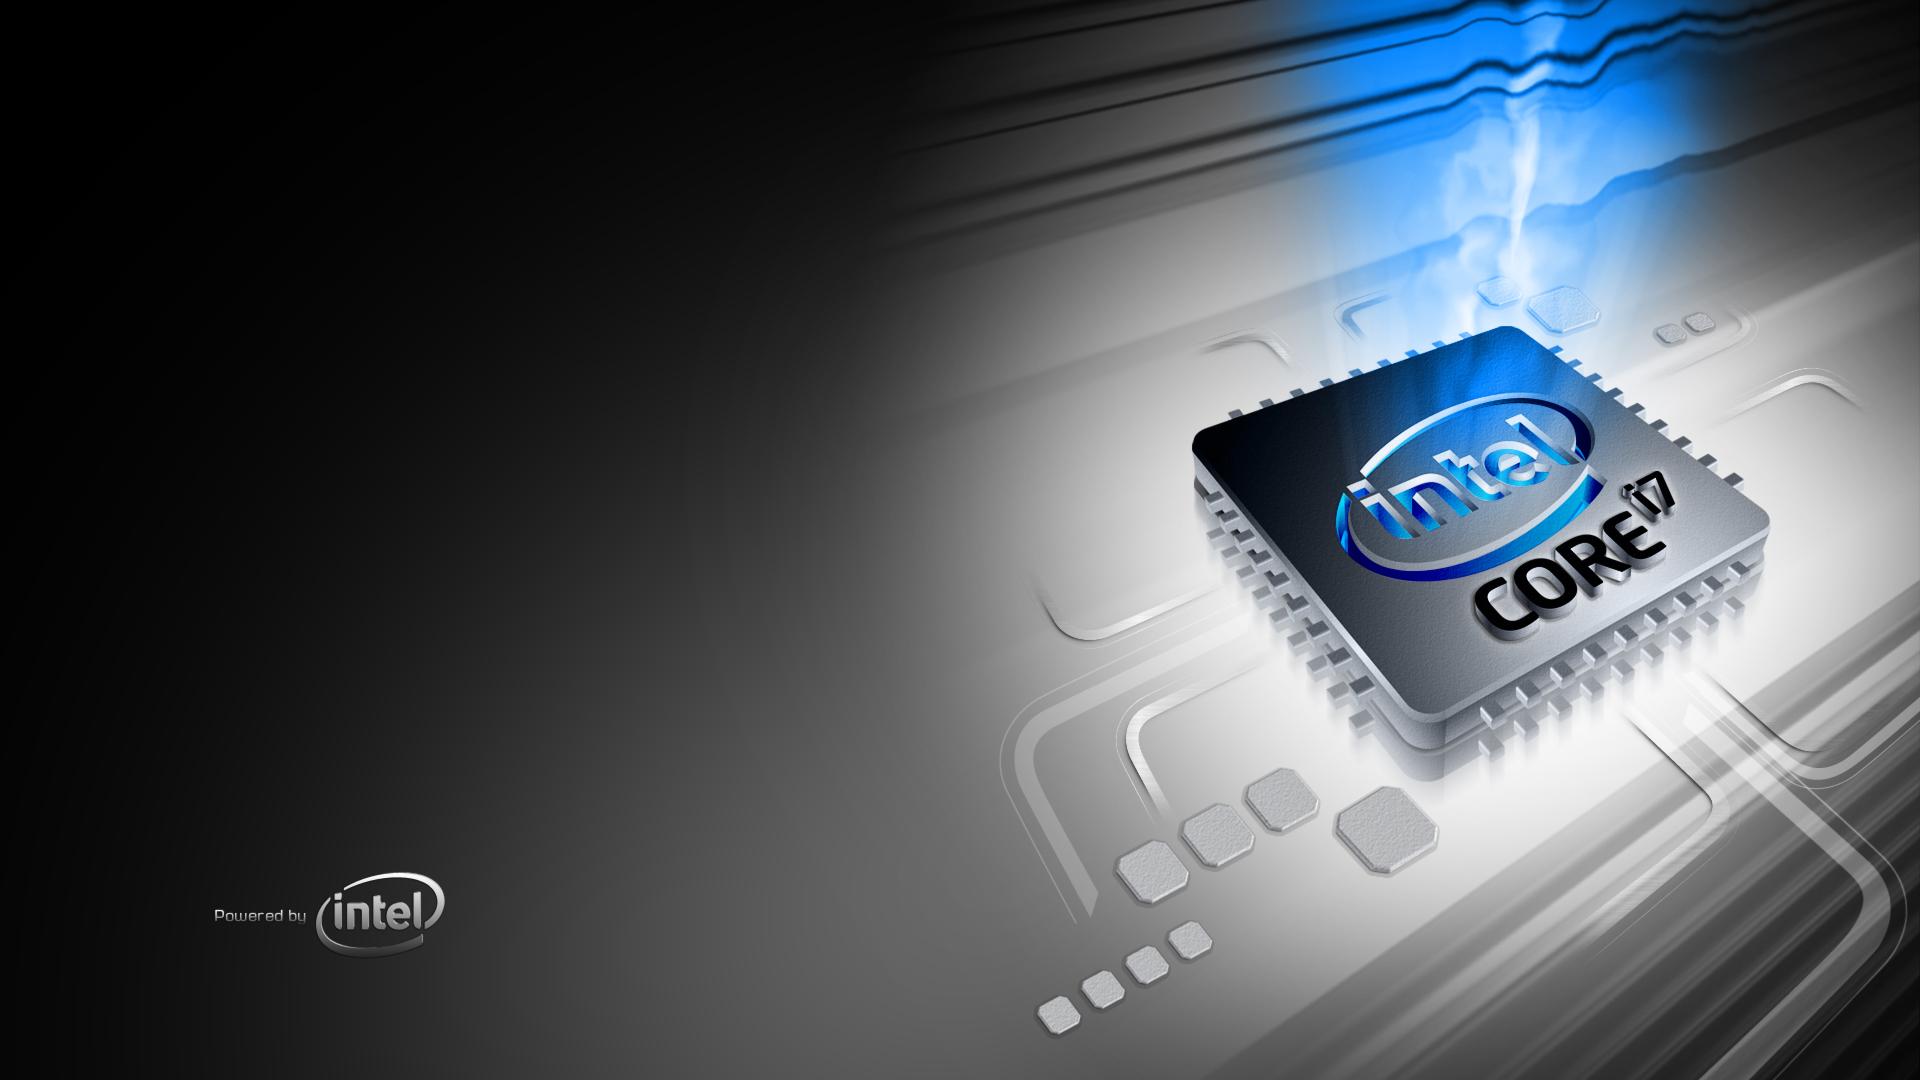 Intel Wallpaper HD   PixelsTalk Net